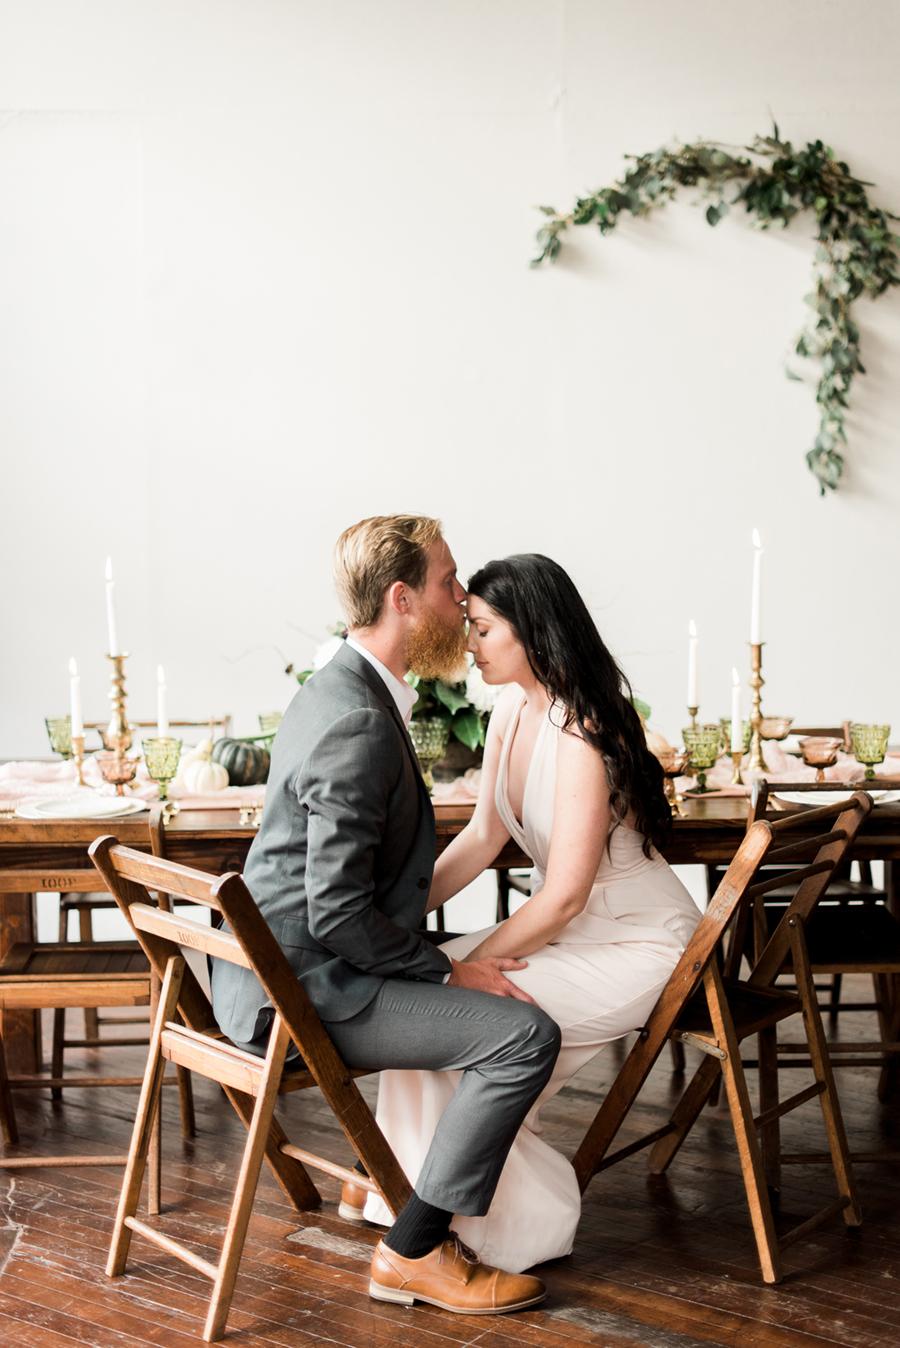 Cincinnati_Dayton_Columbus_Fine_Art_Wedding_Photographers20.jpg